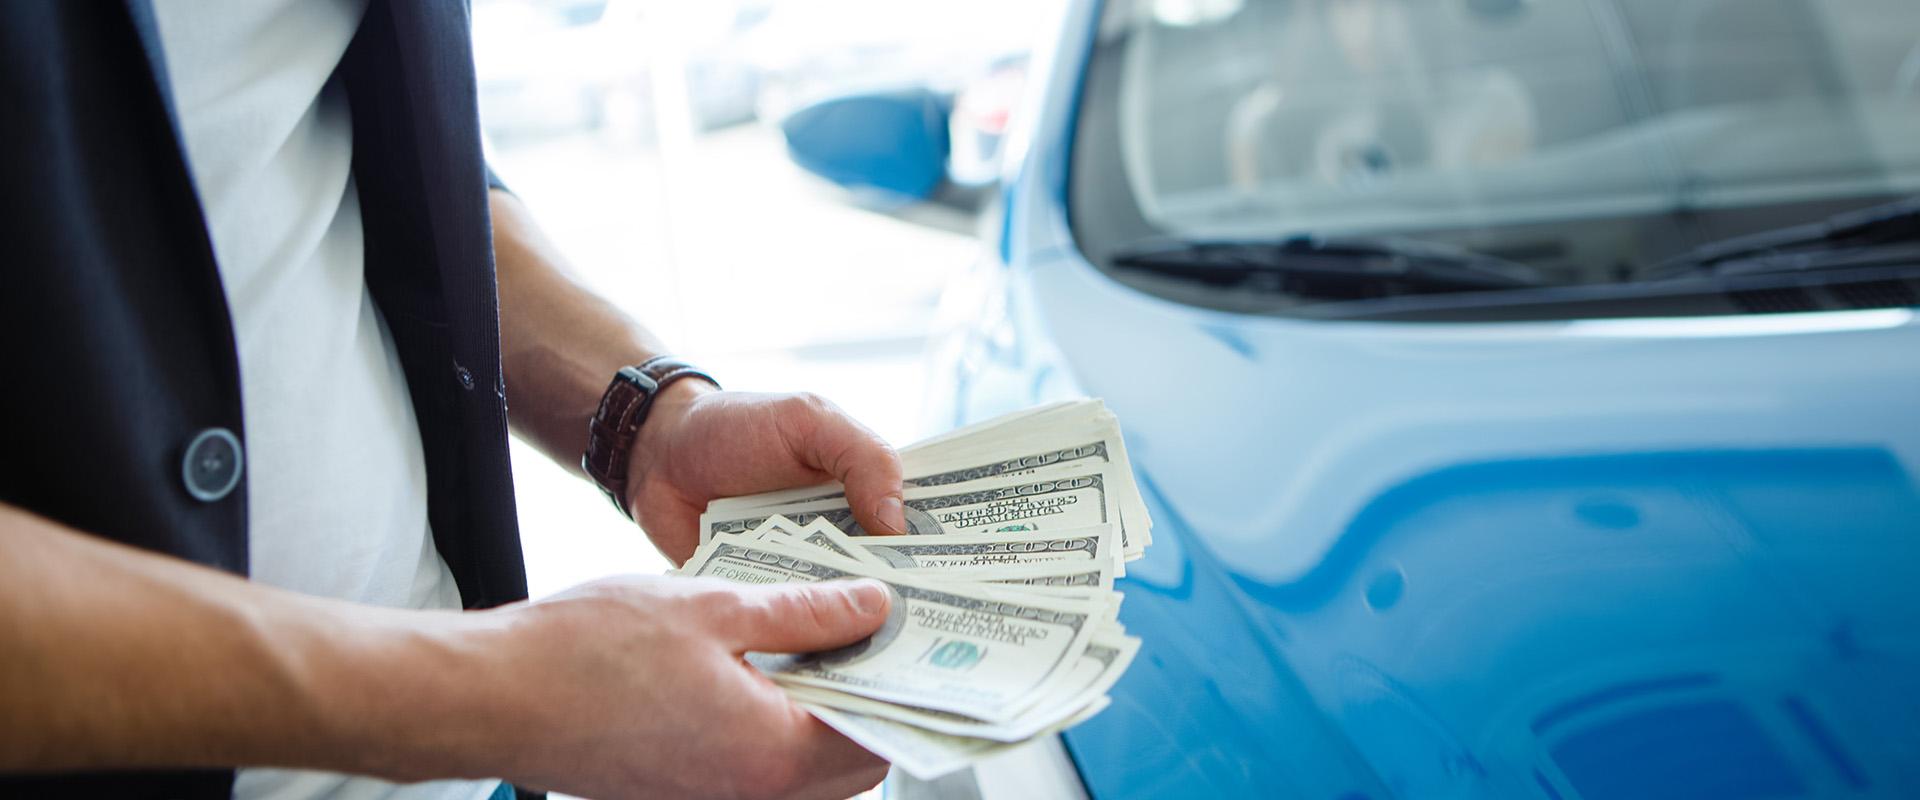 Как быстро получить потребительский кредит онлайн?